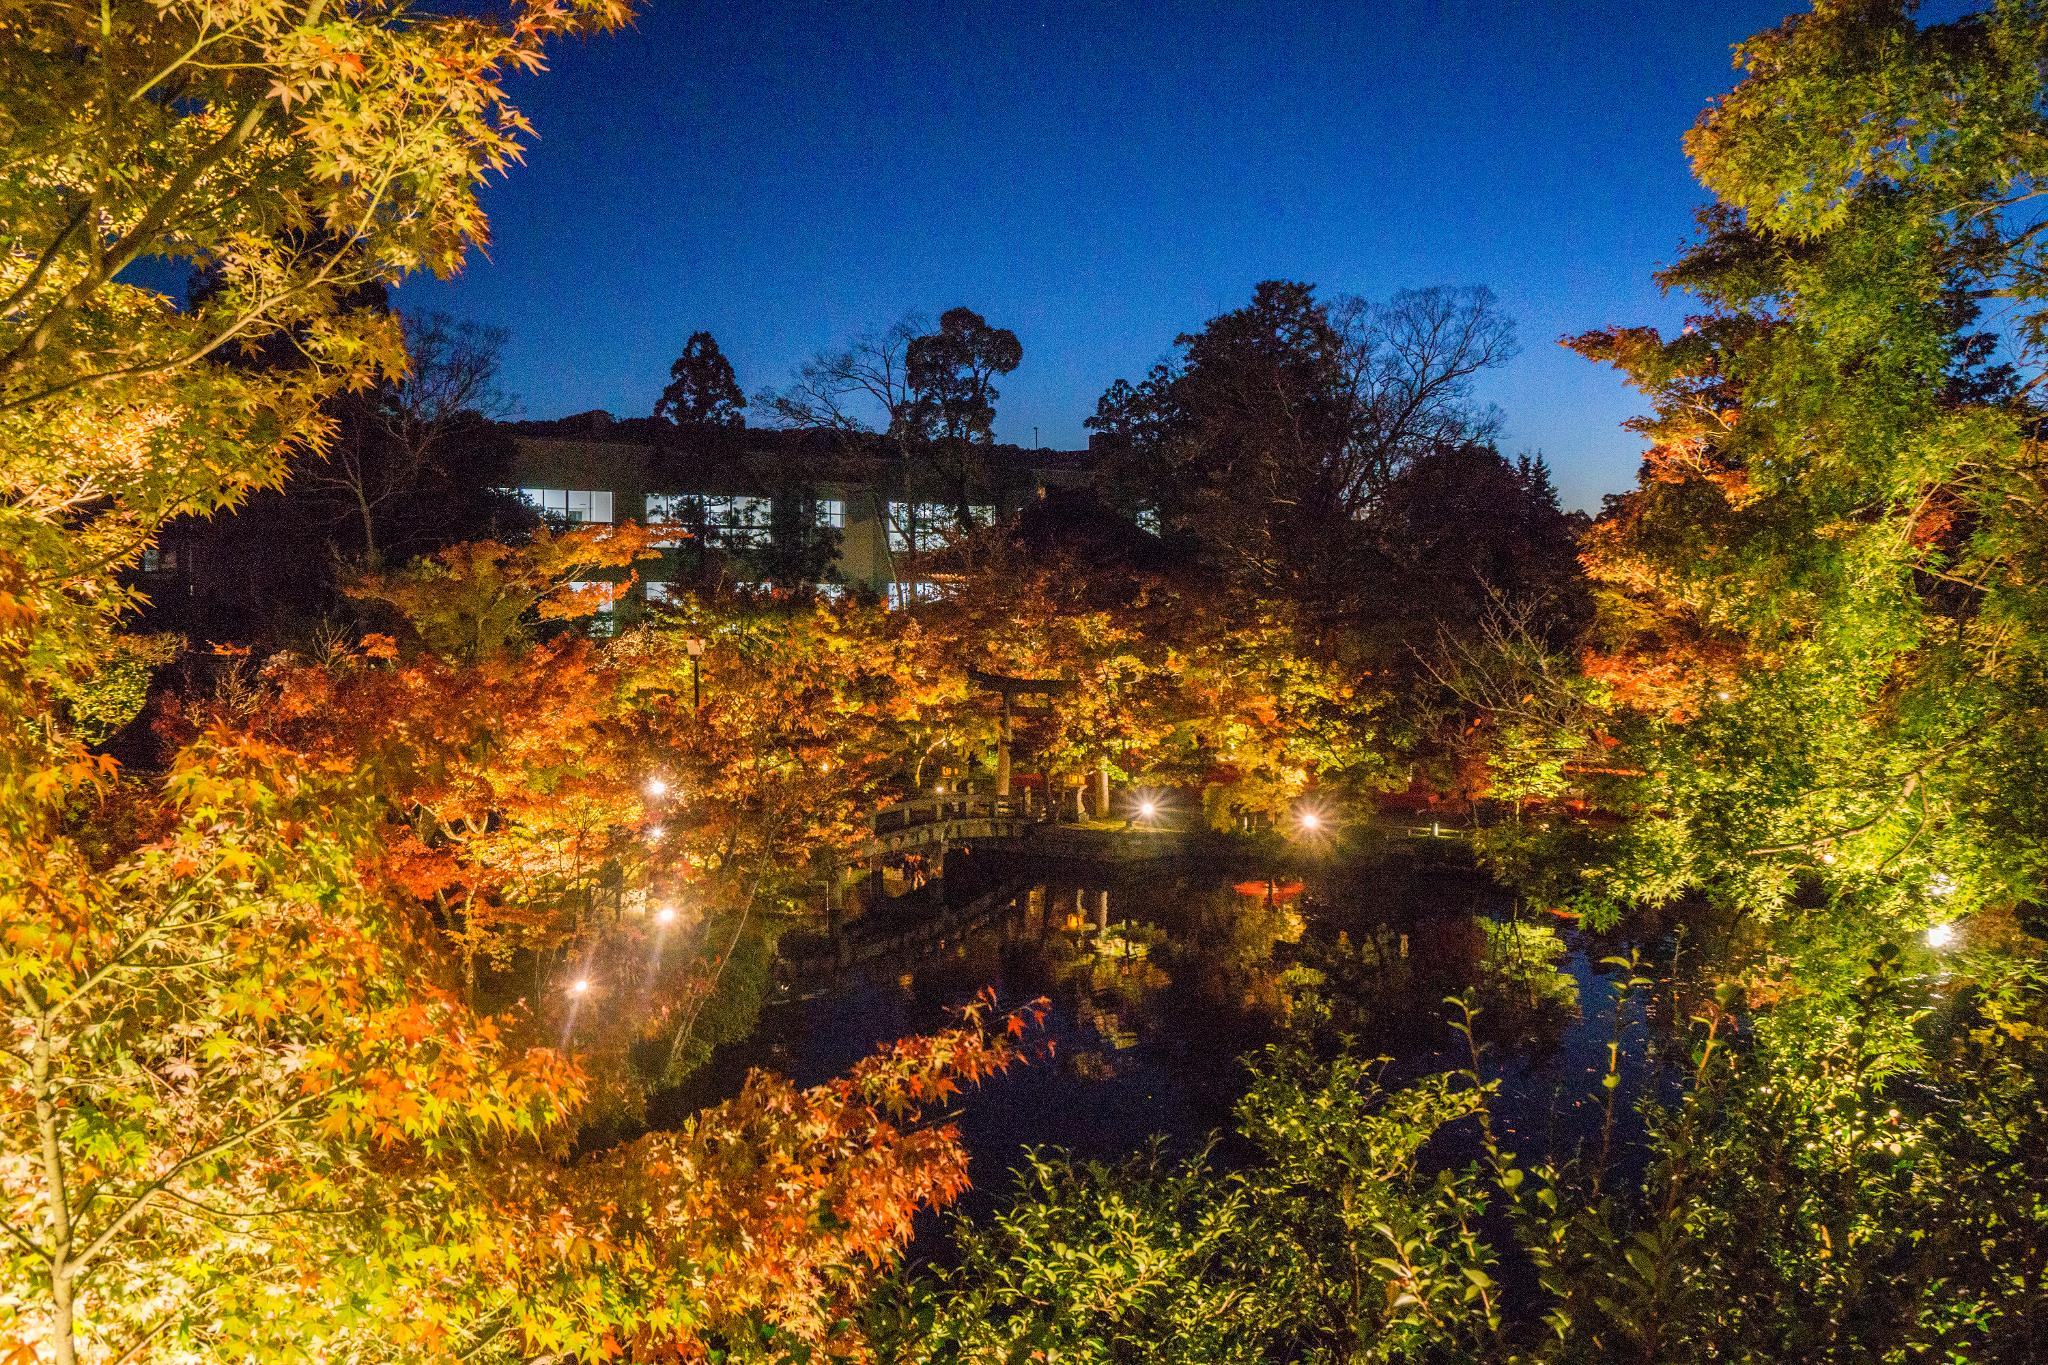 【京都】此生必來的紅葉狩絕景 - 永觀堂夜楓 108